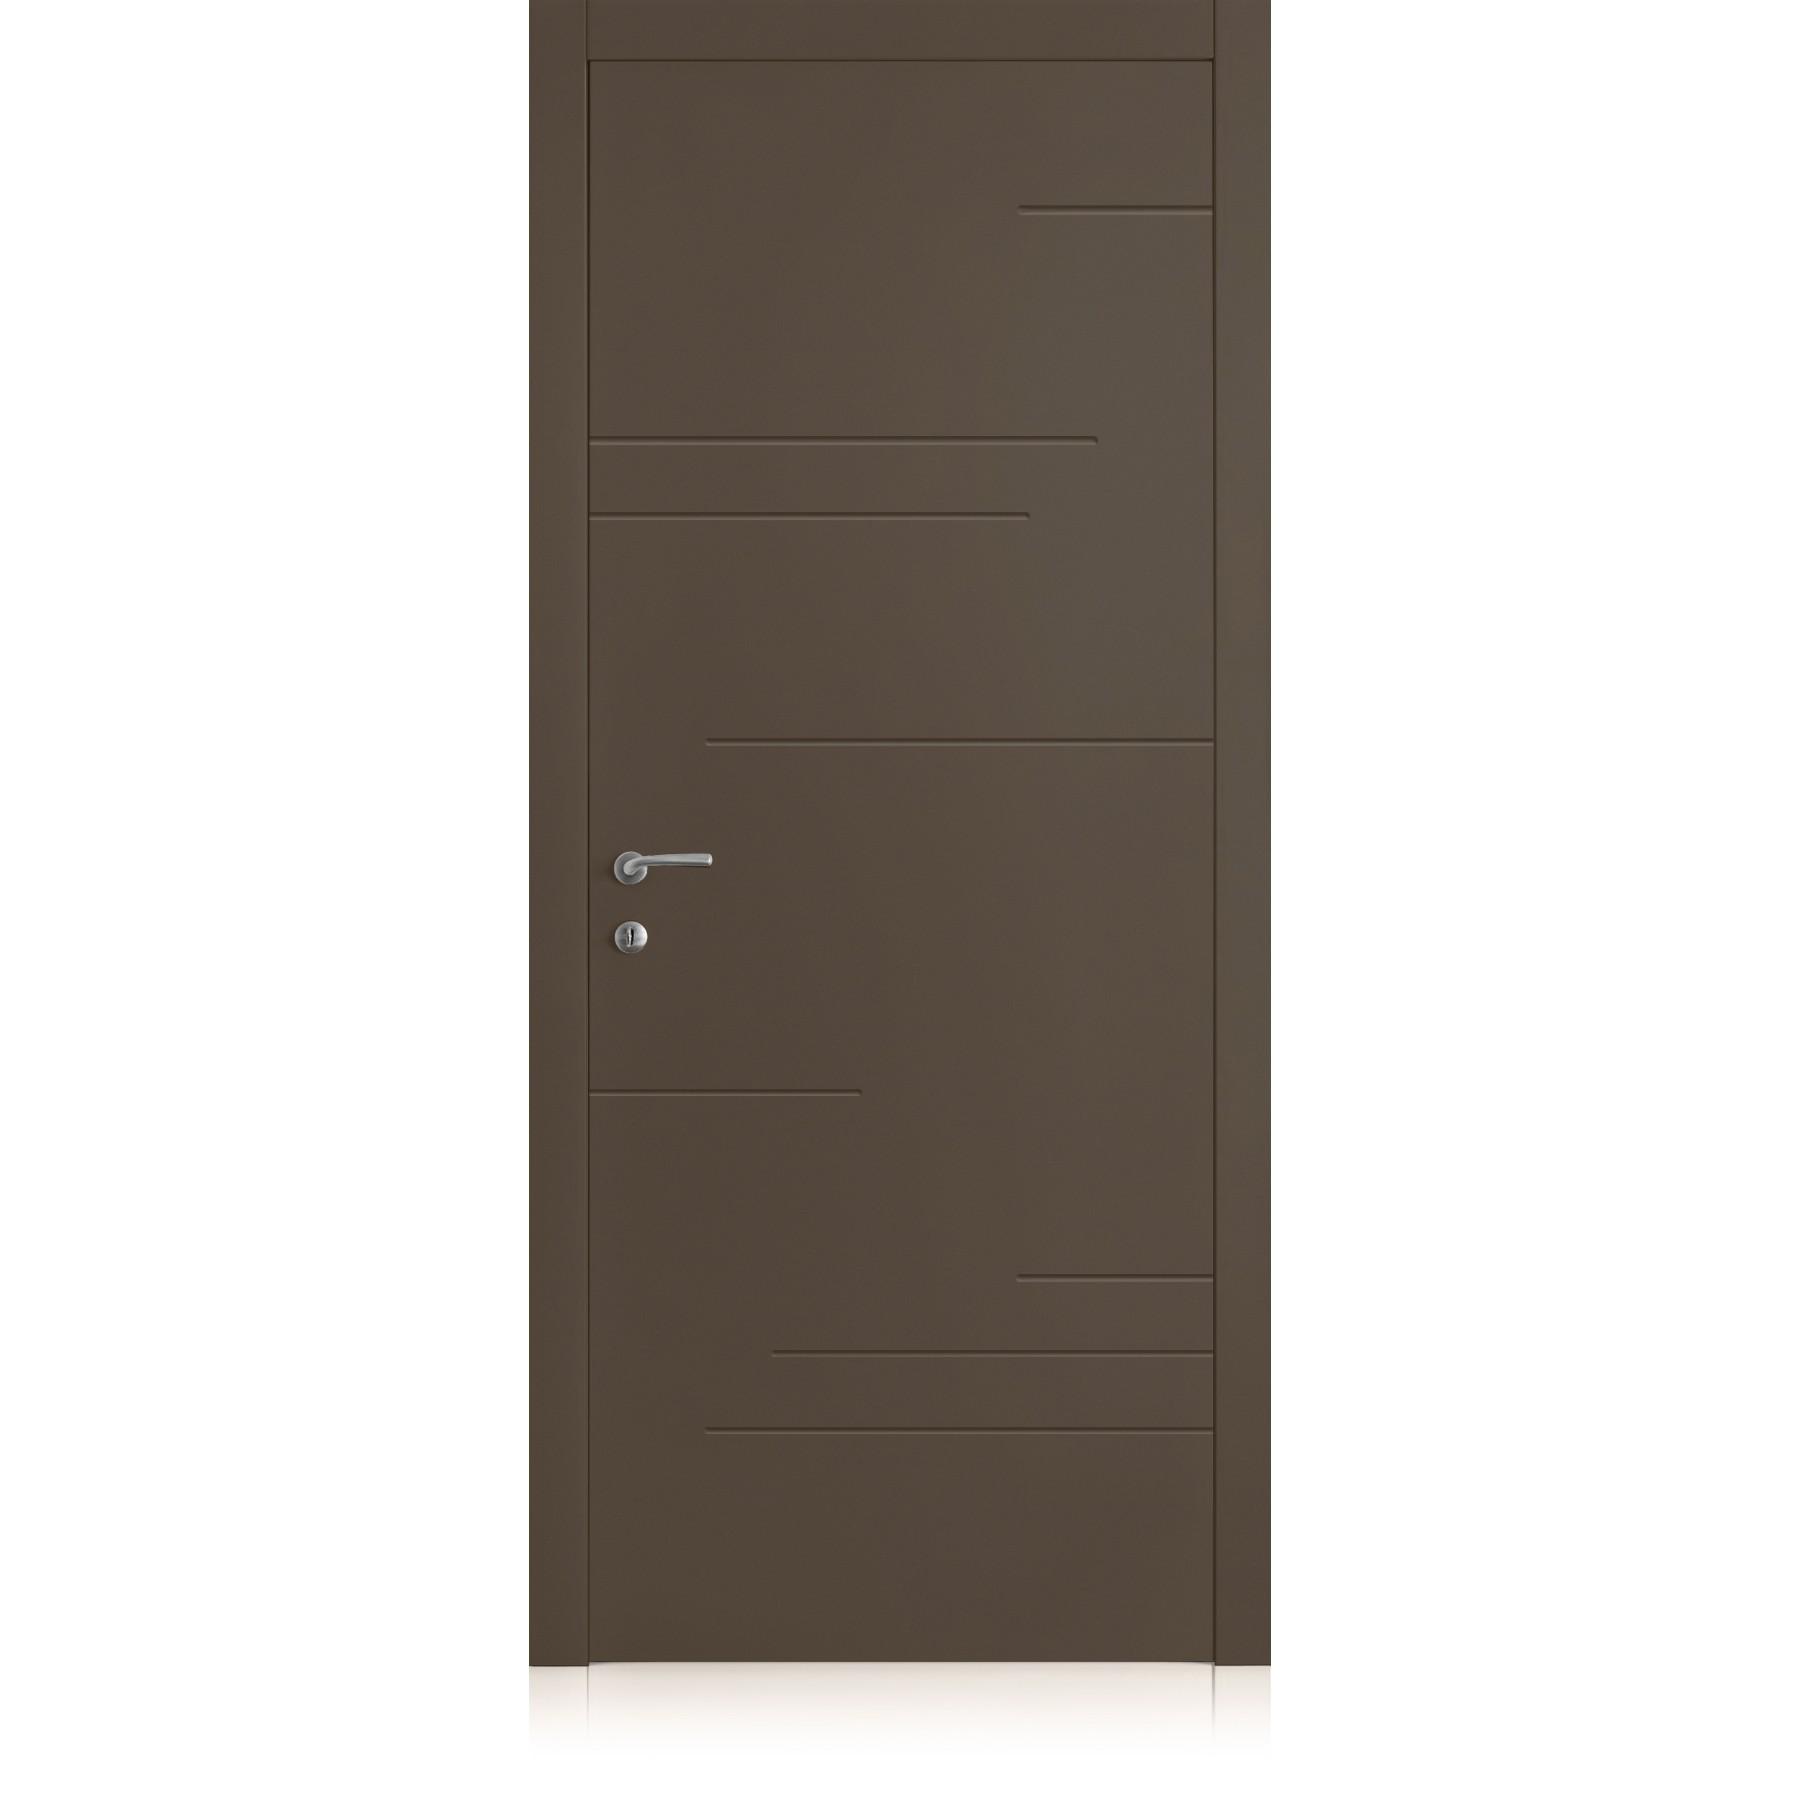 Porta Yncisa Segni Ombra Dark Laccato ULTRAopaco